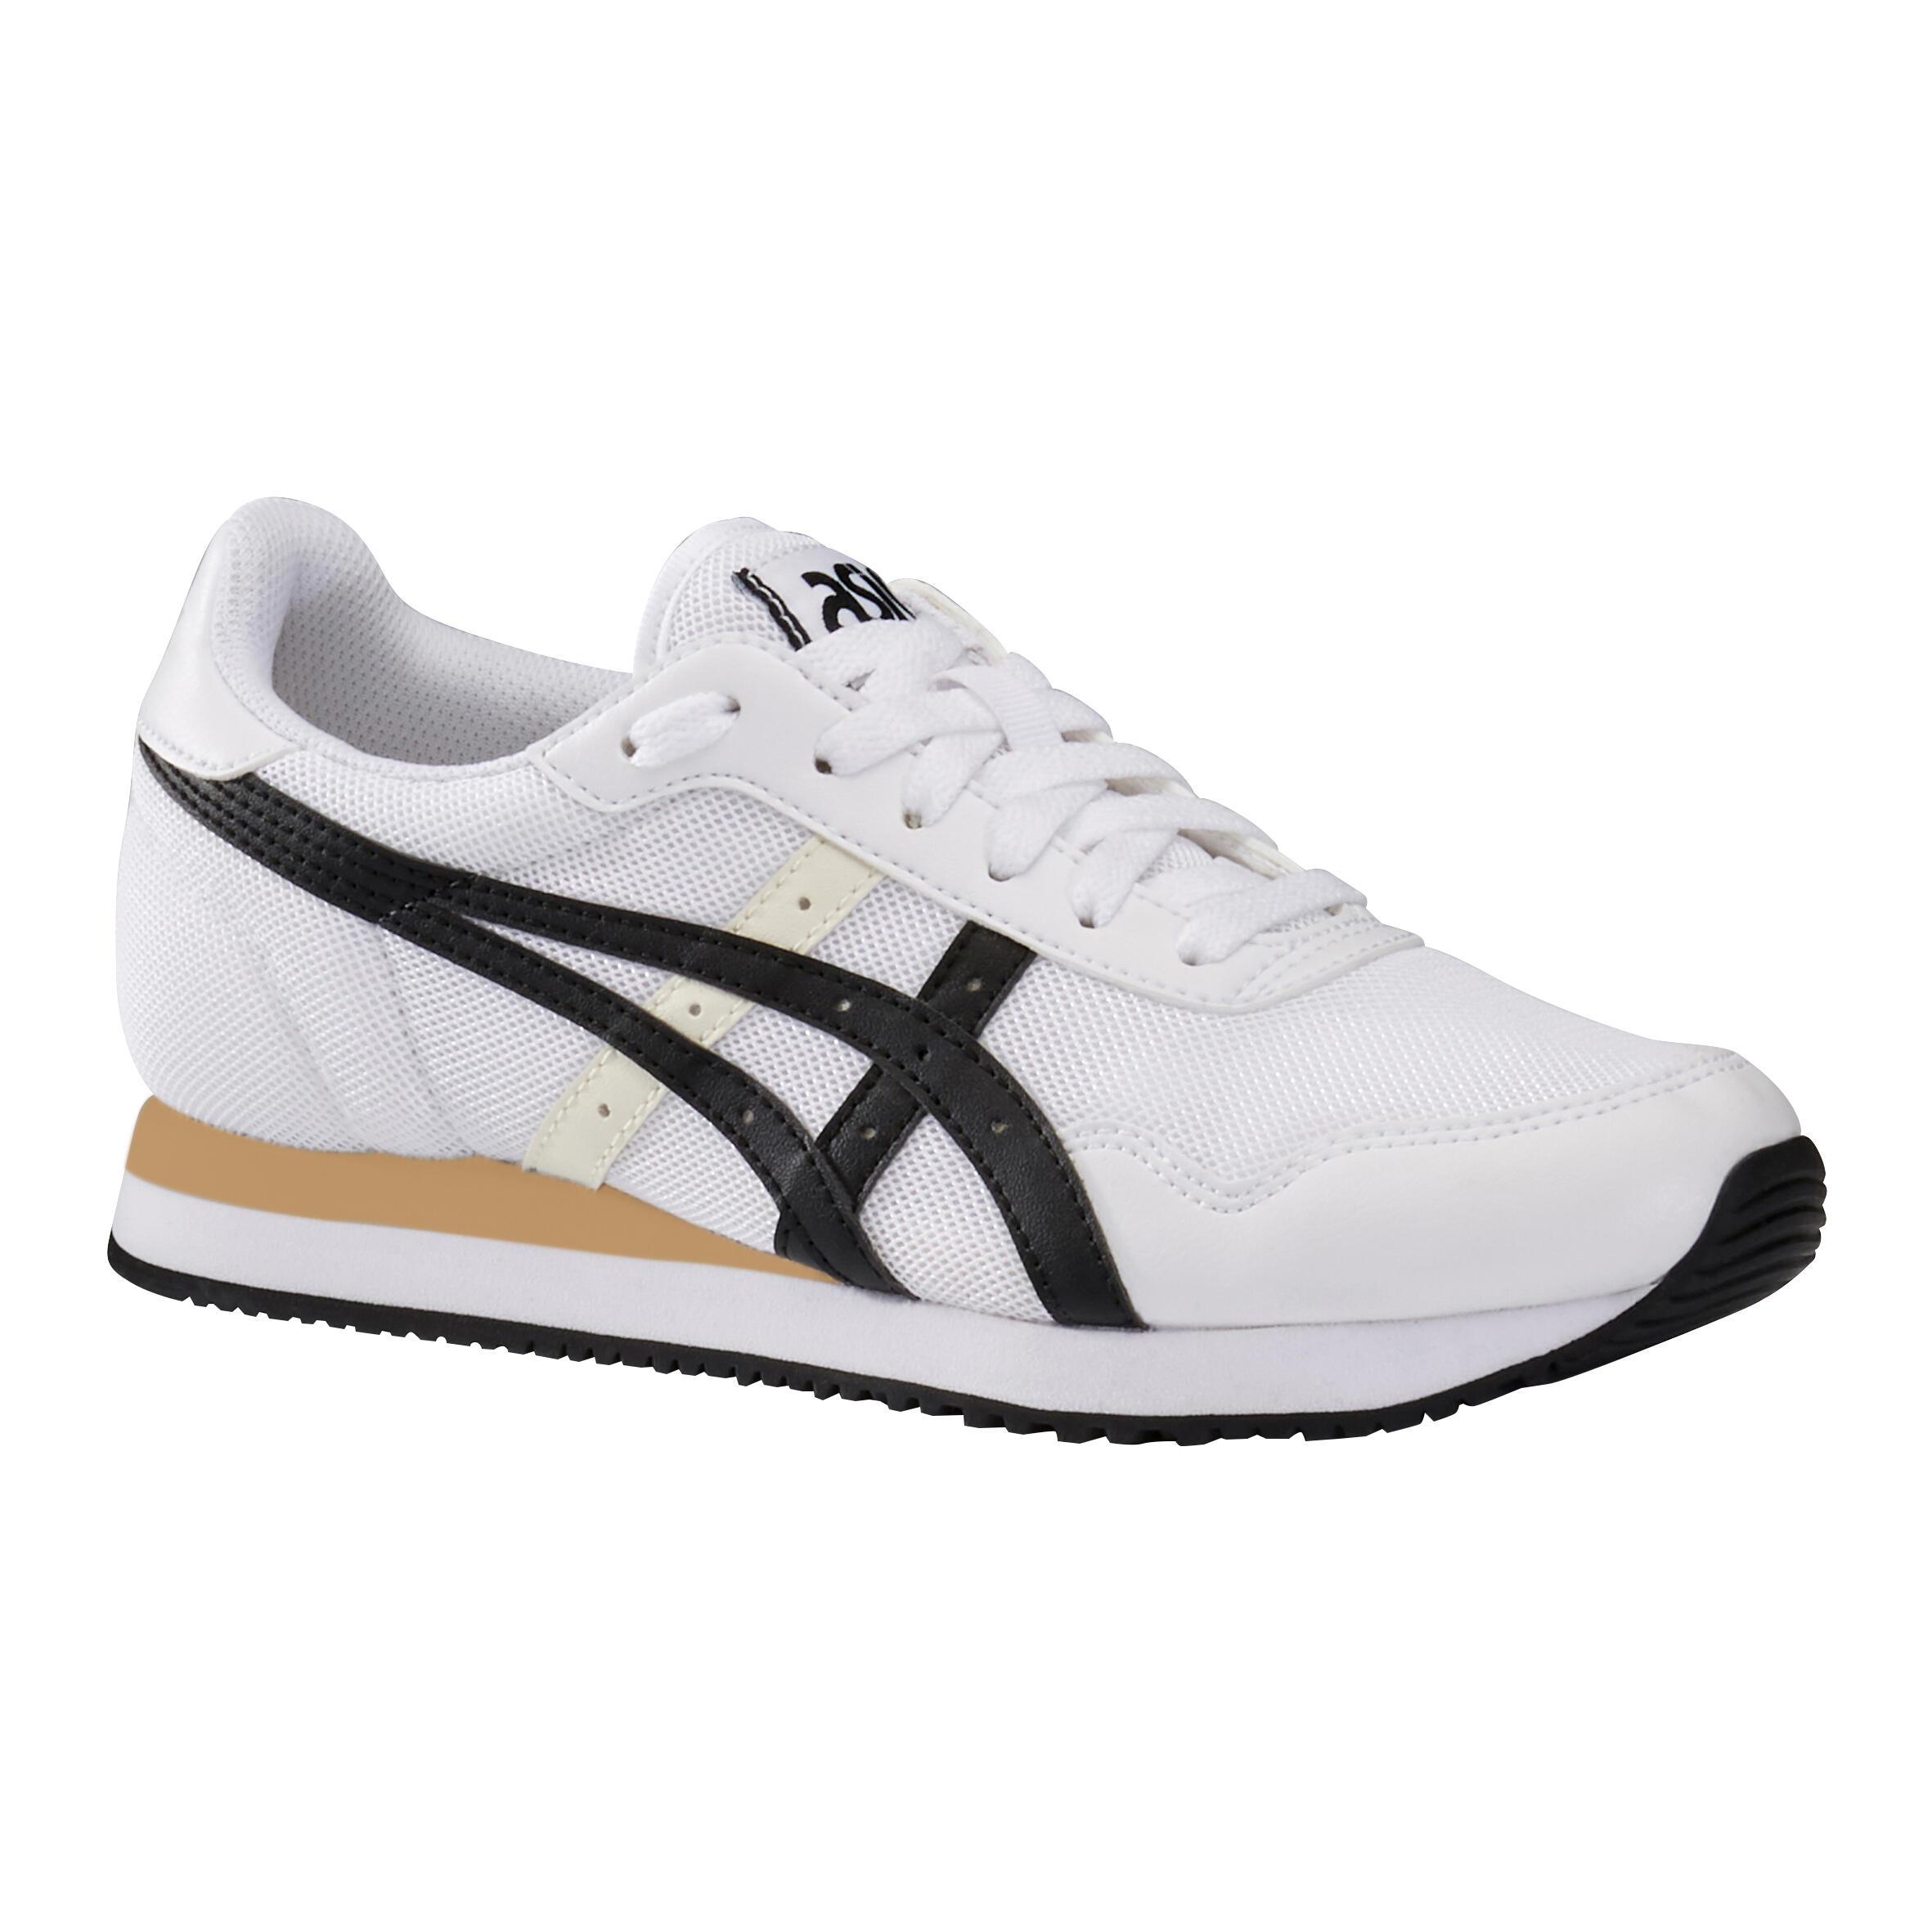 Chaussures marche active femme Asics tiger mesh blanc / noir ASICS ...